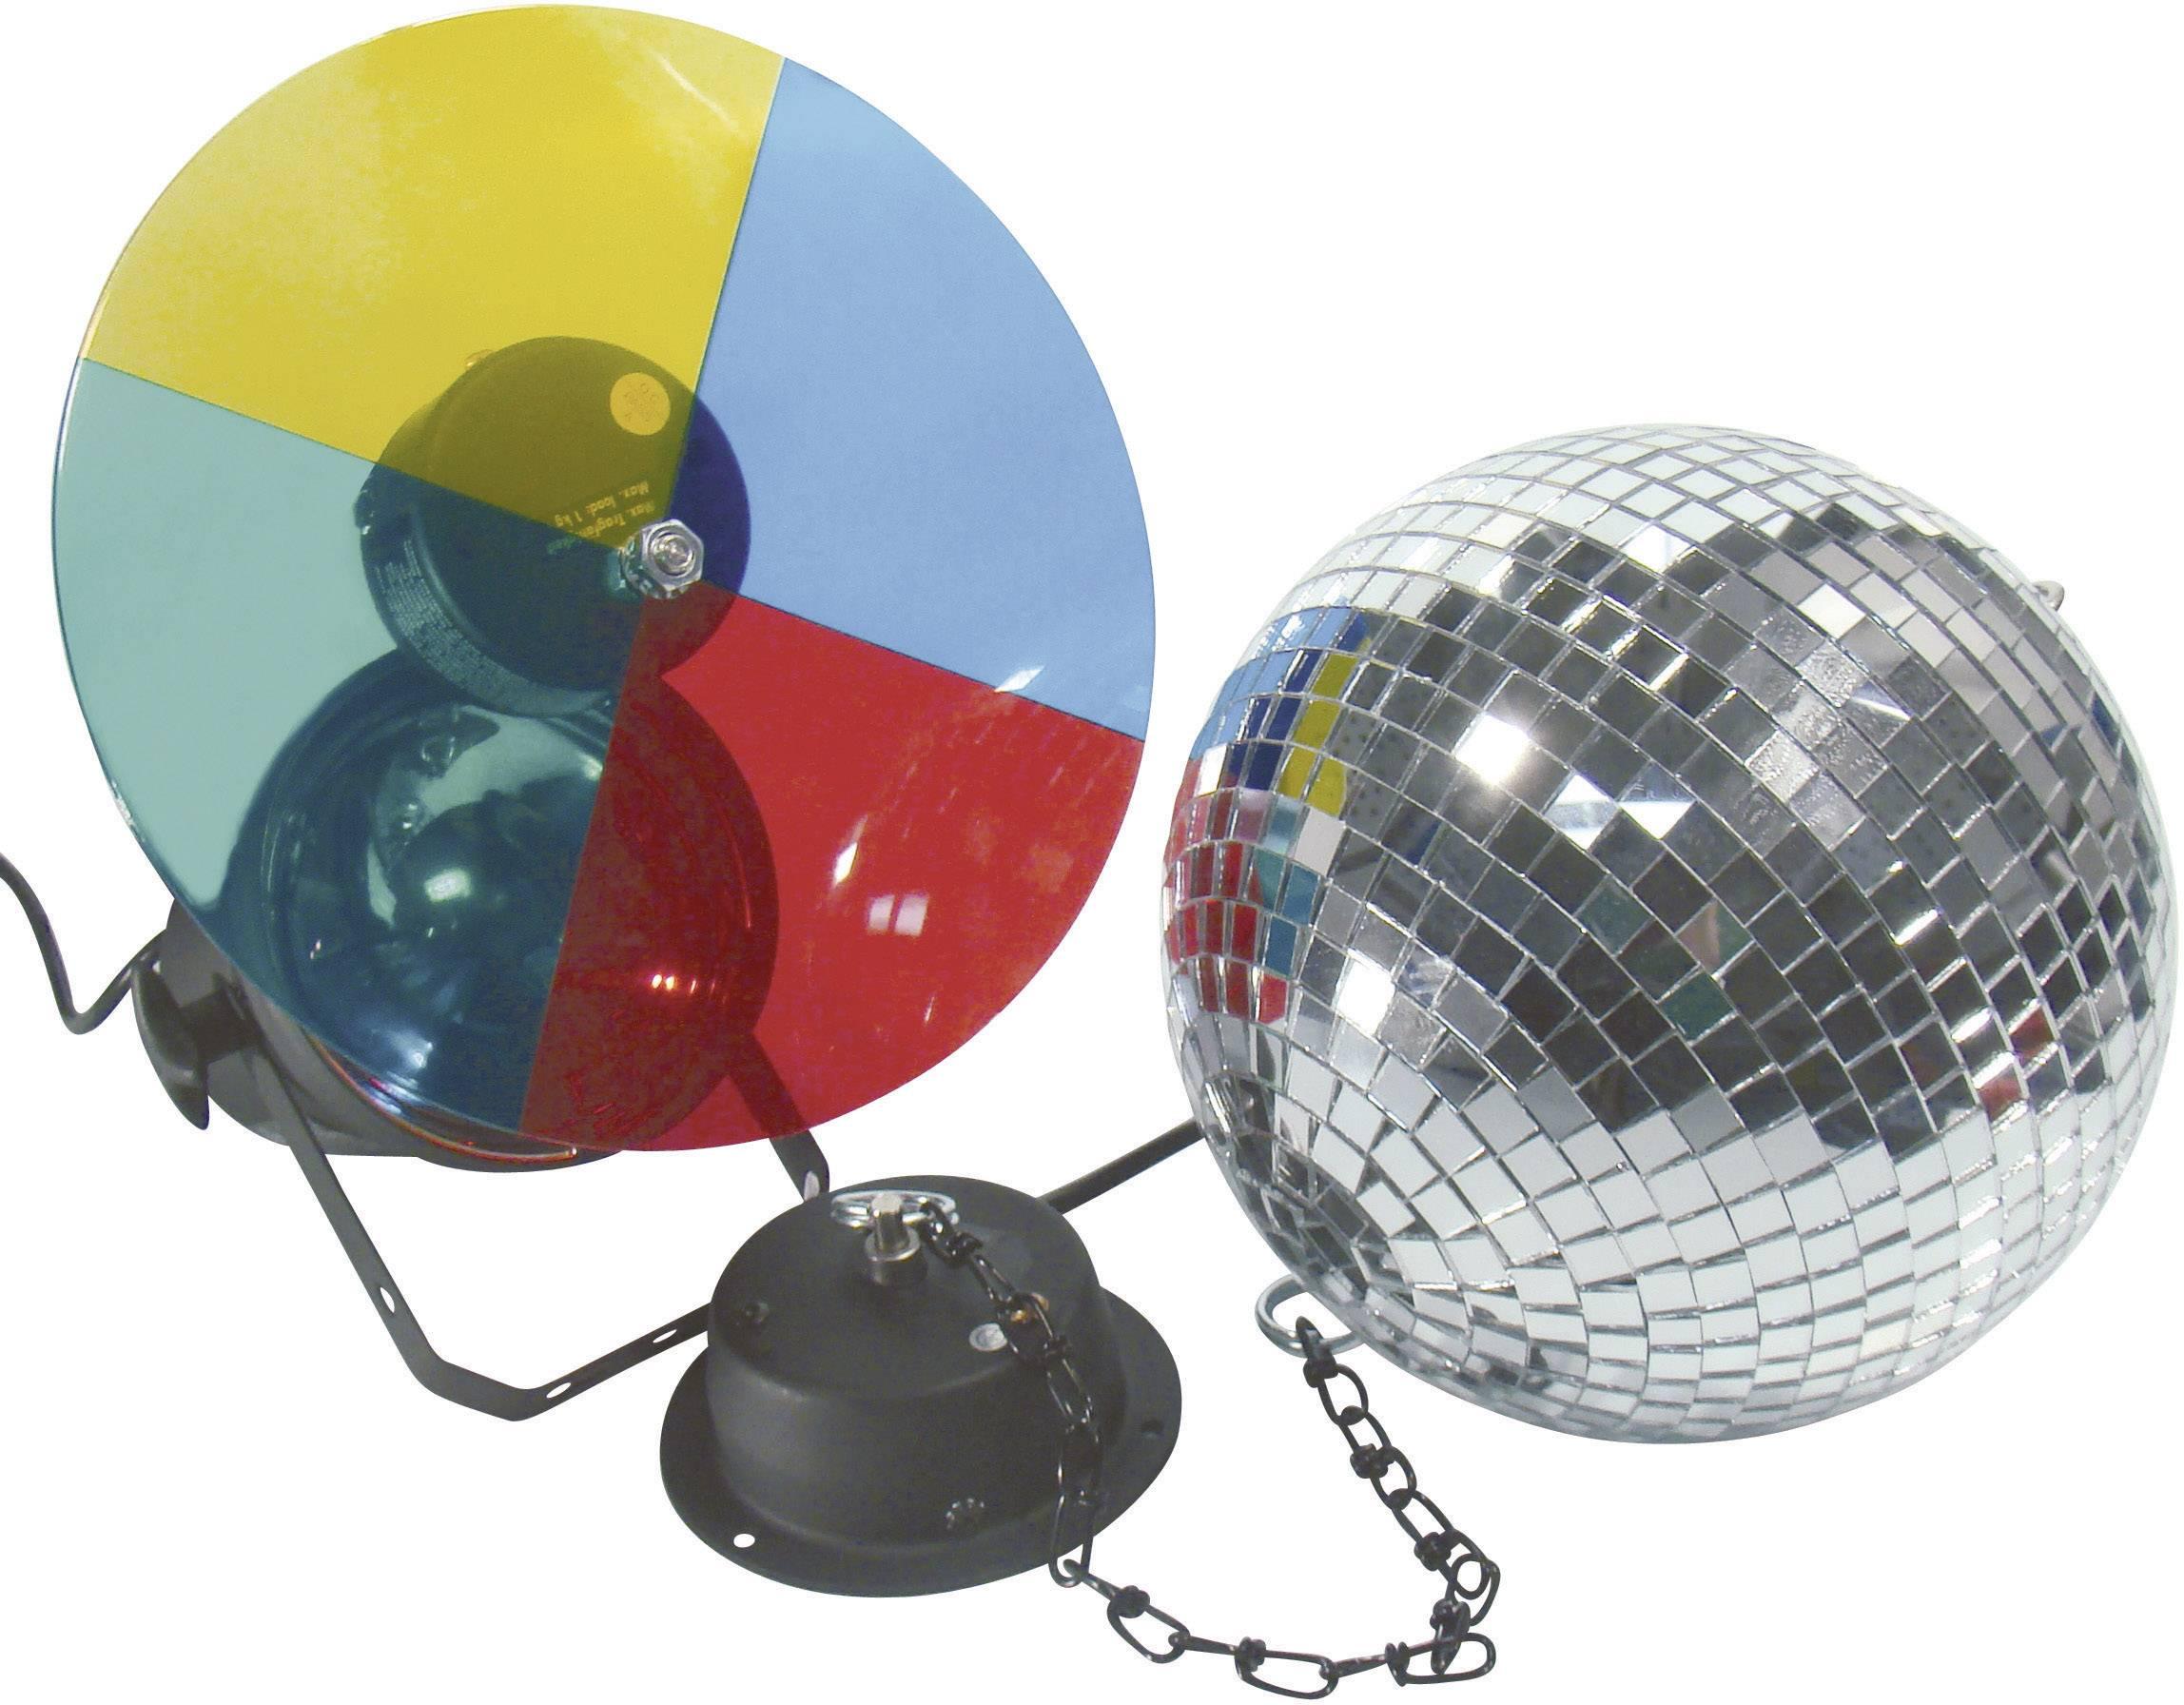 Párty osvětlení, řetězy a koule